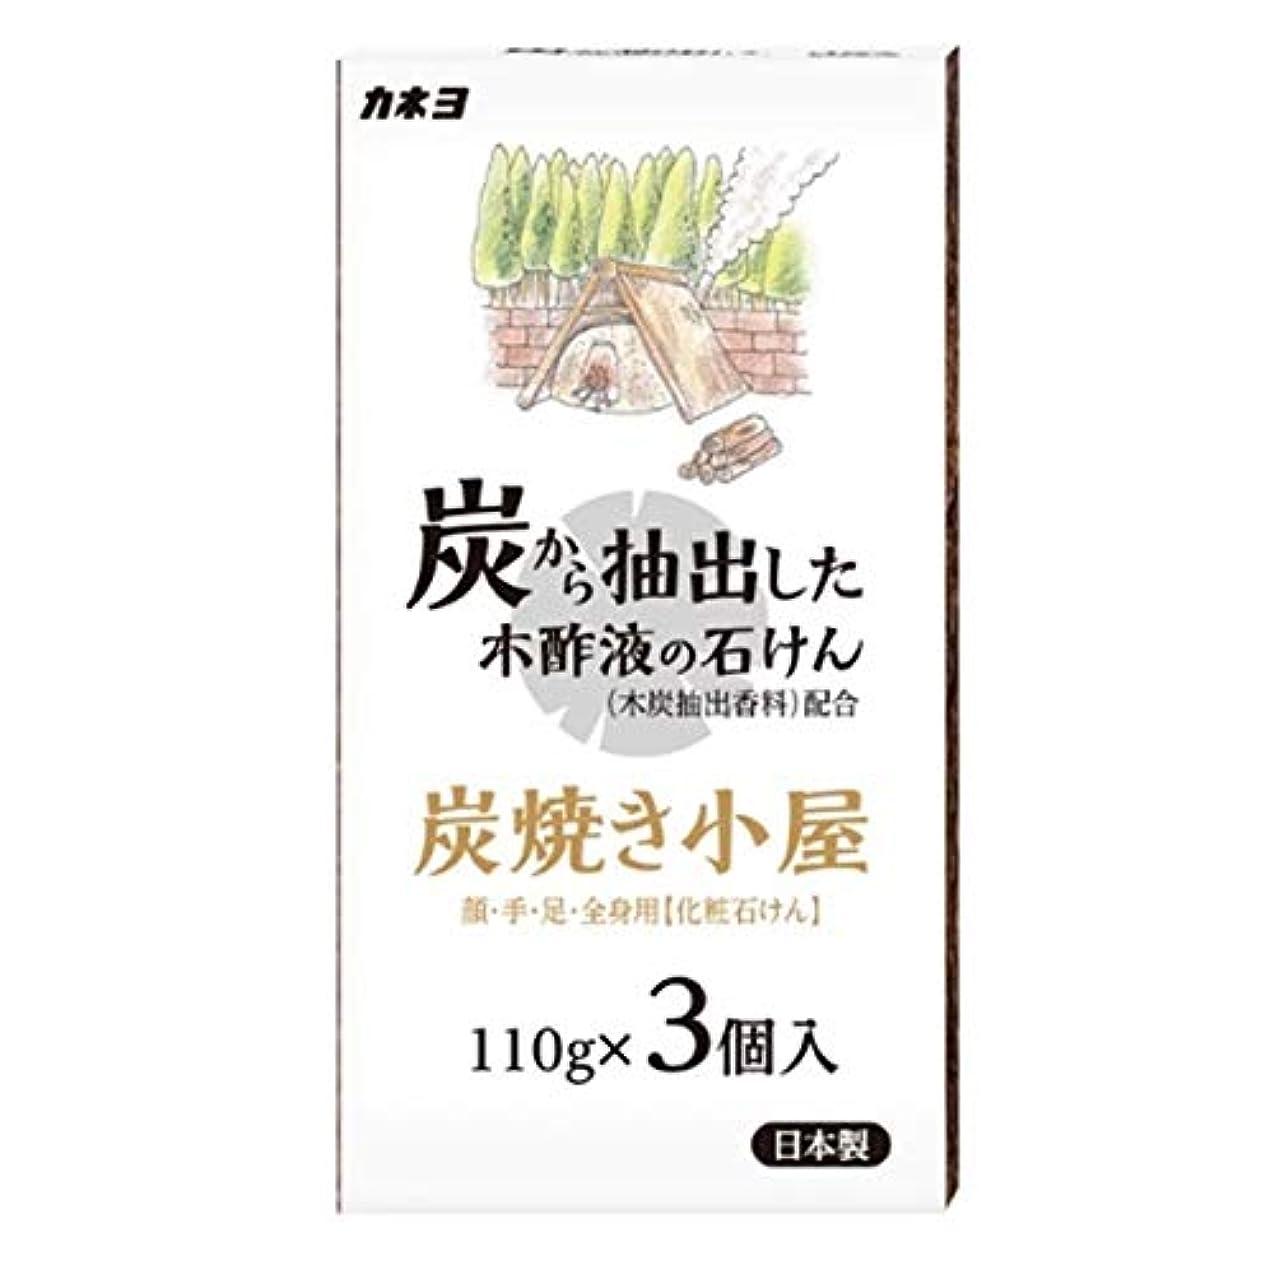 バスハンディ好意【ケース販売】 カネヨ石鹸 炭焼小屋 化粧石けん 110g×3個入 36箱